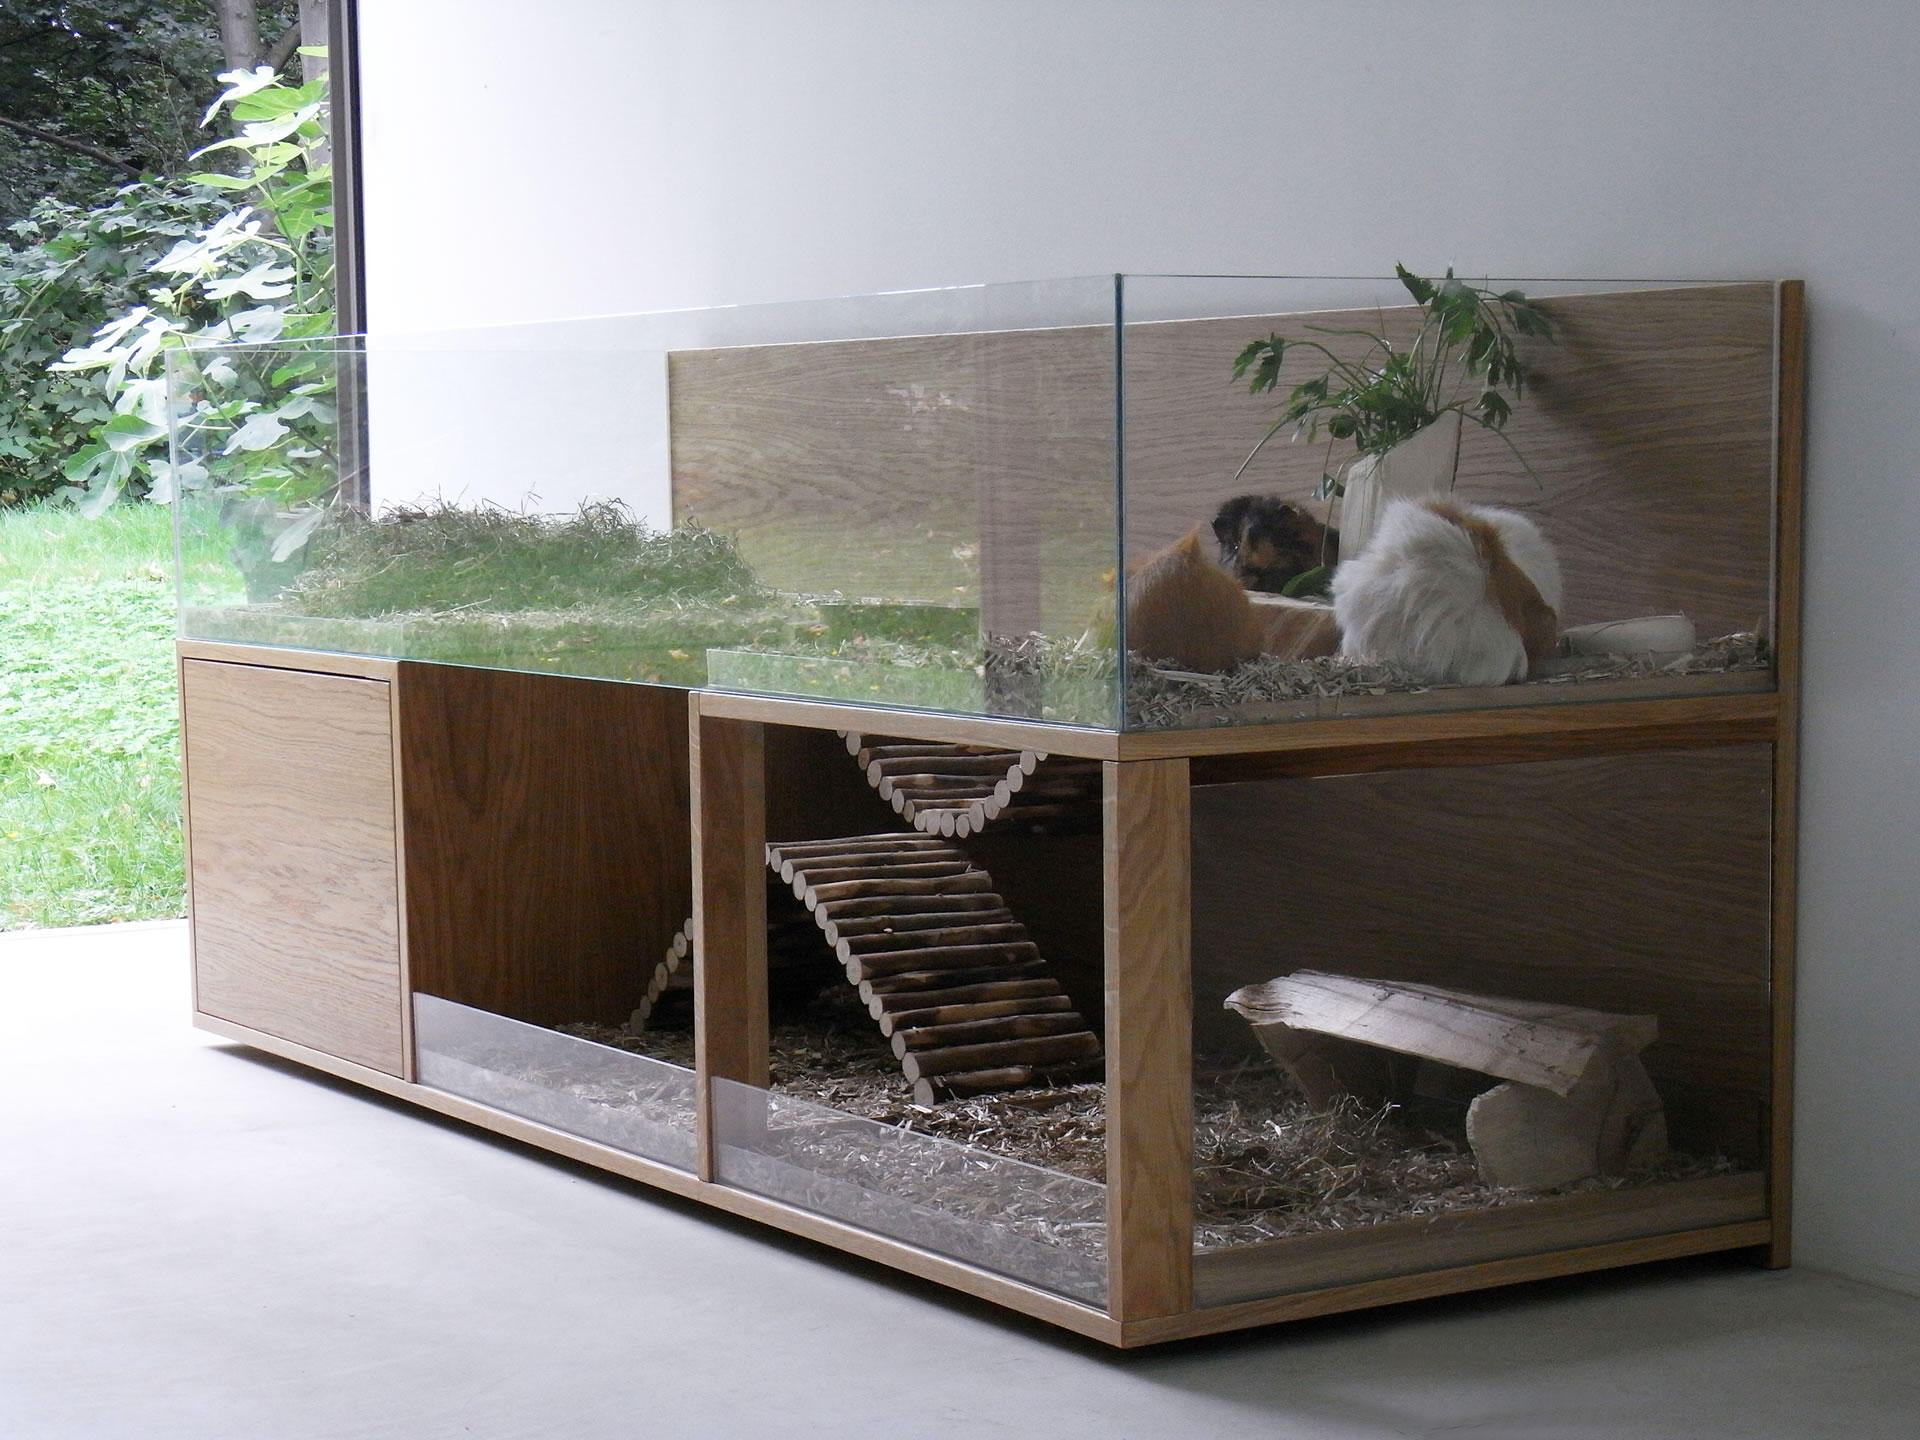 Ideas para jaula (sean super creativos!! espacio y presupuesto ilimitado) Meerschweinchen_maisonette